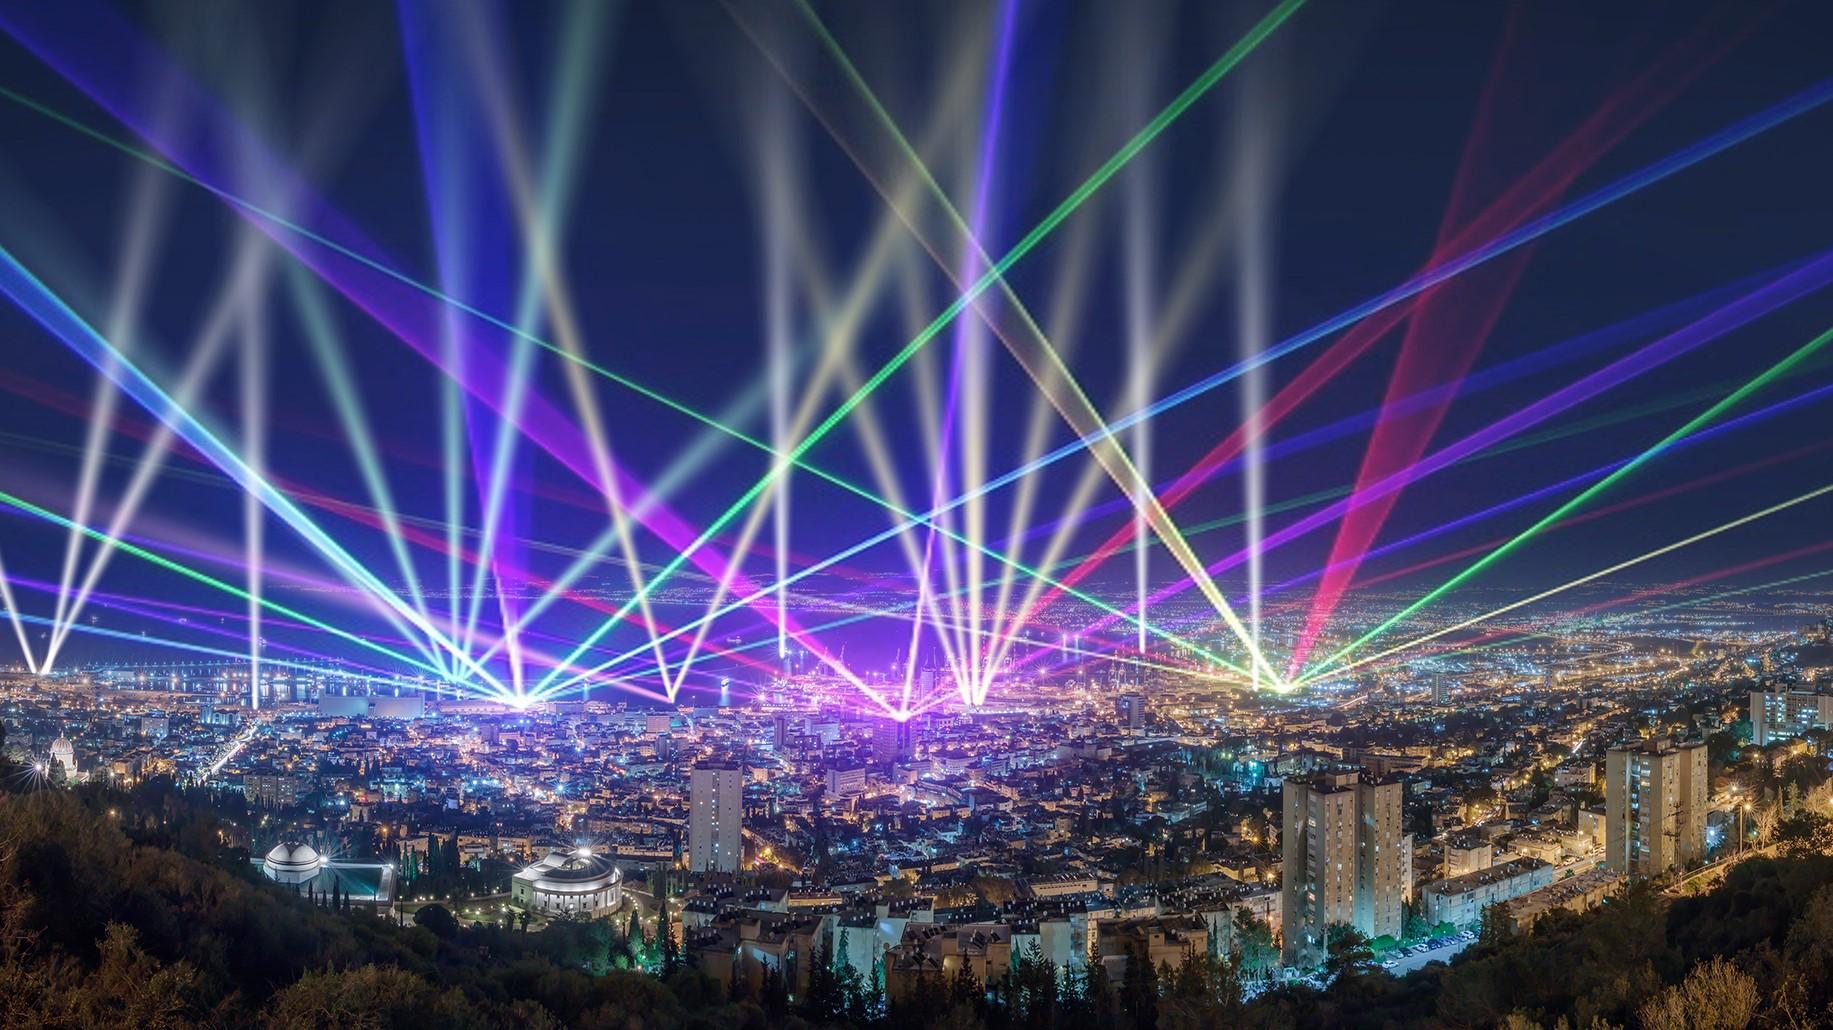 """חיפה מציגה: תחרות עיצוב בינלאומית להקמת מיצגים אור-קוליים בהשקעה של 20 מיליון ש""""ח"""